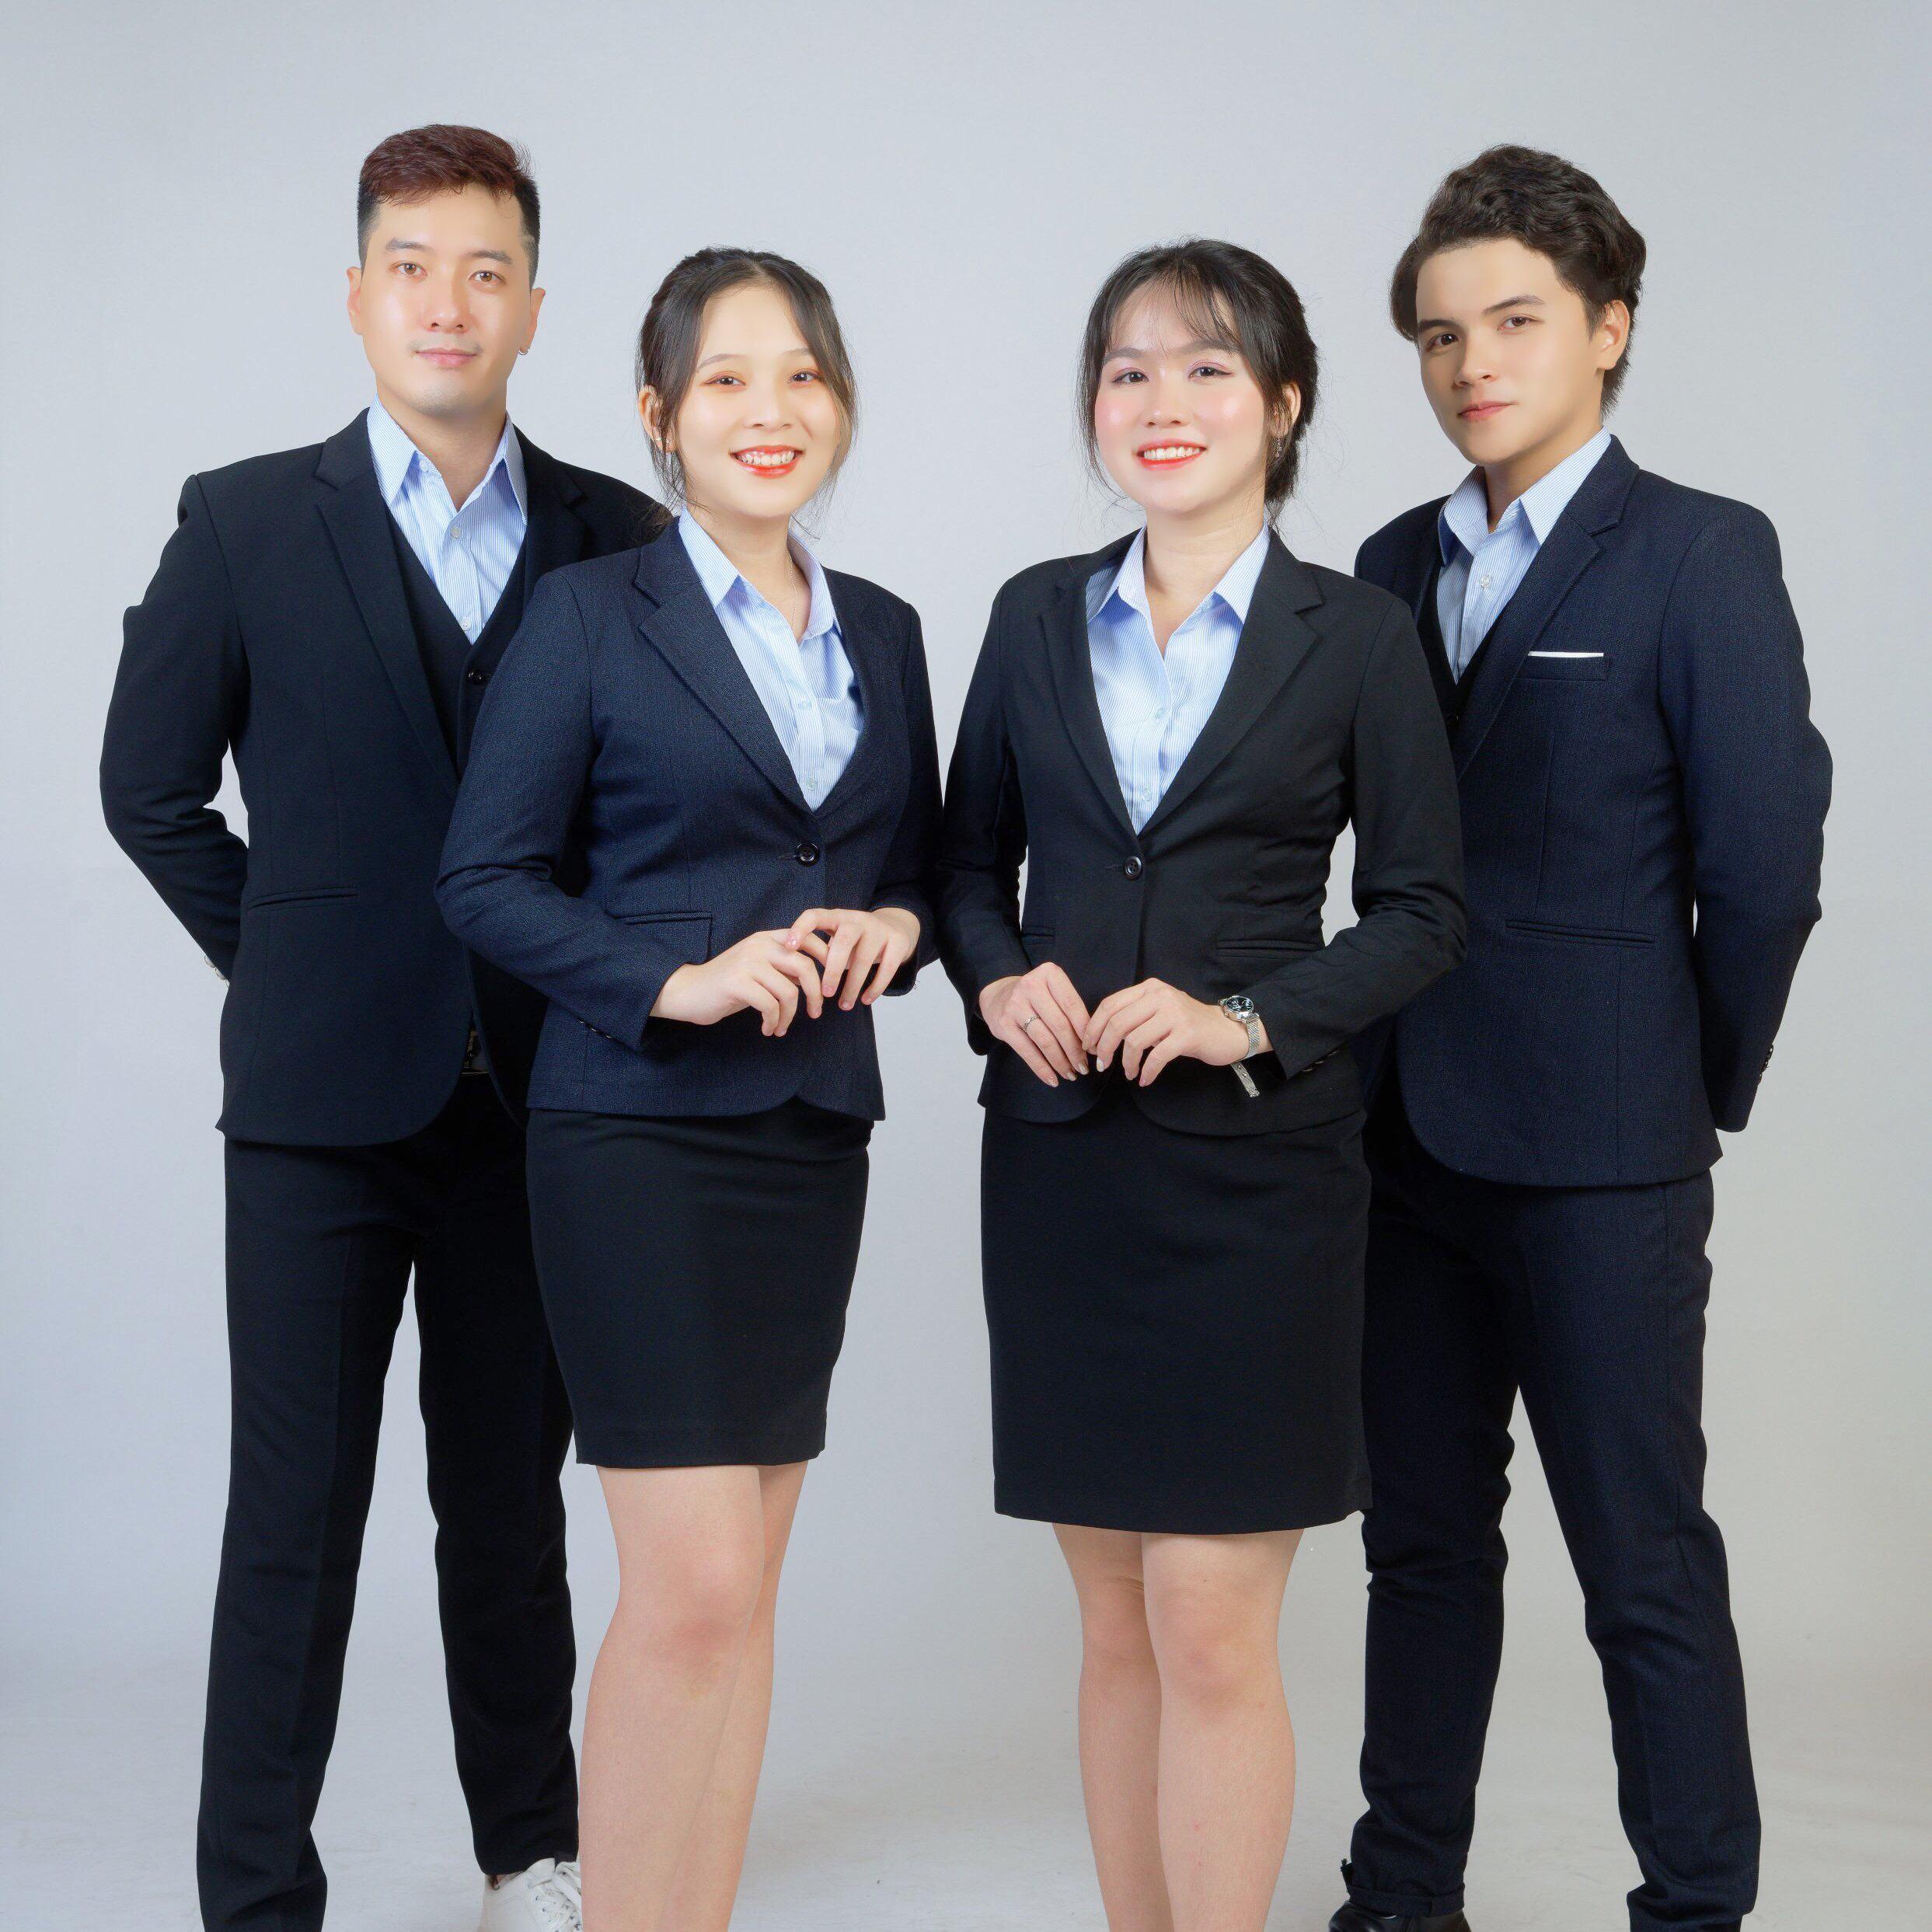 Đồng phục Q-Art – Sự lựa chọn hoàn hảo cho doanh nghiệp - Phụ nữ hiện đại